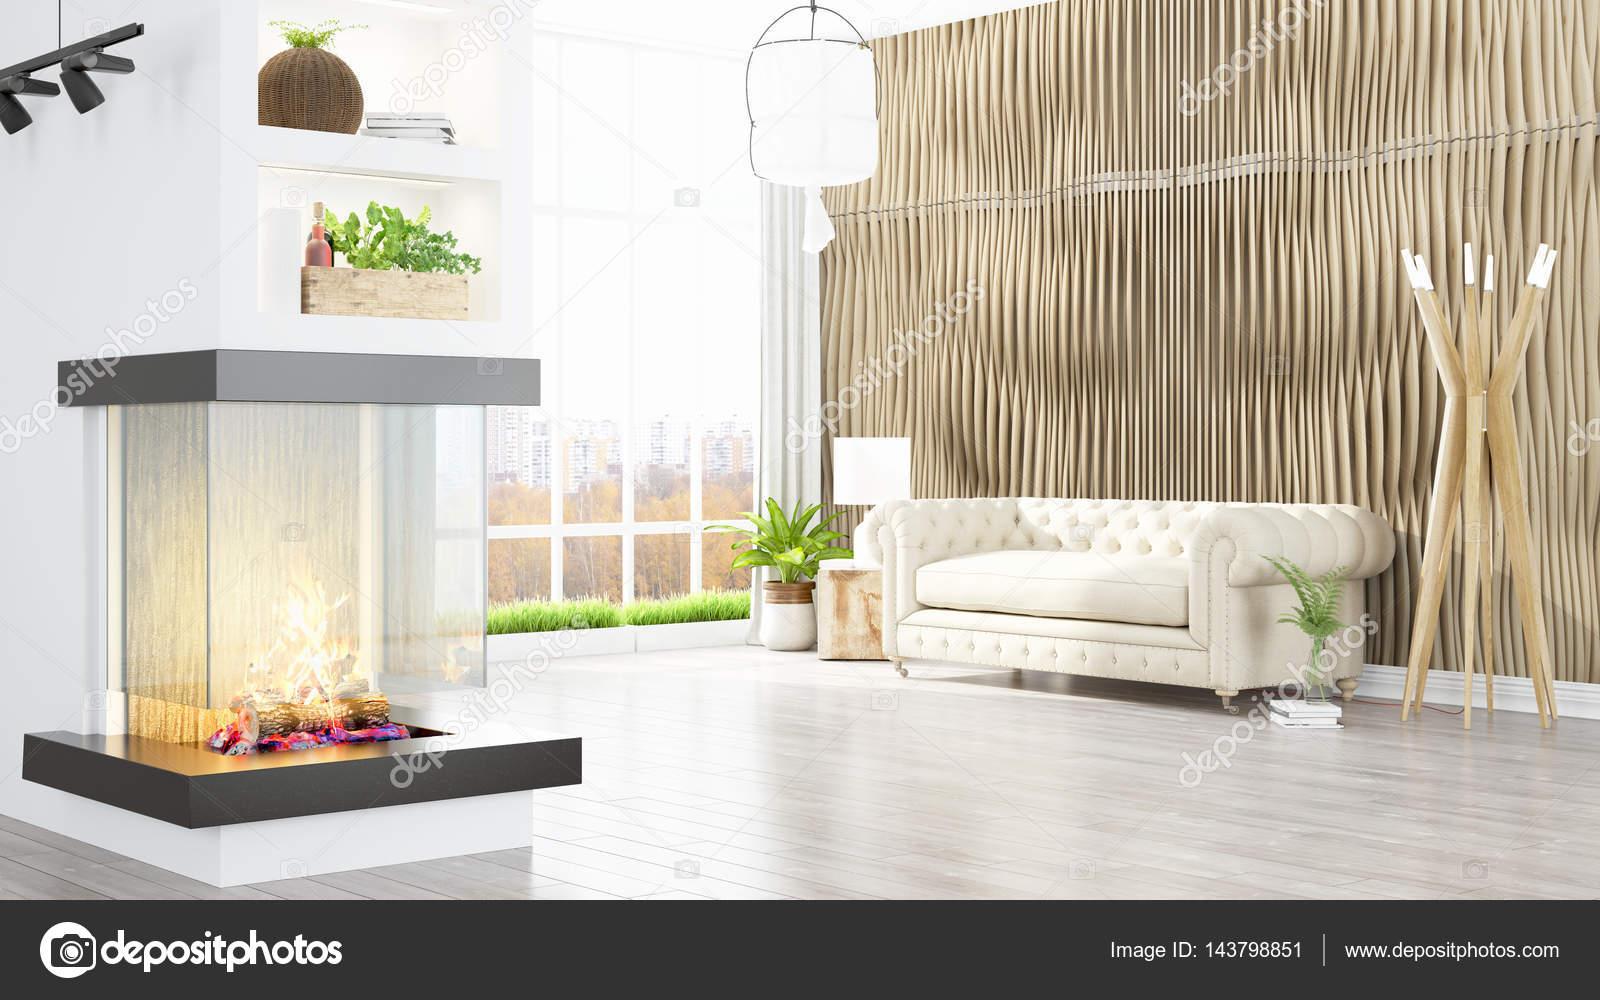 Beau Salon Moderne Interieur Avec Cheminee 3d Rendu Photographie Elsar77 C 143798851